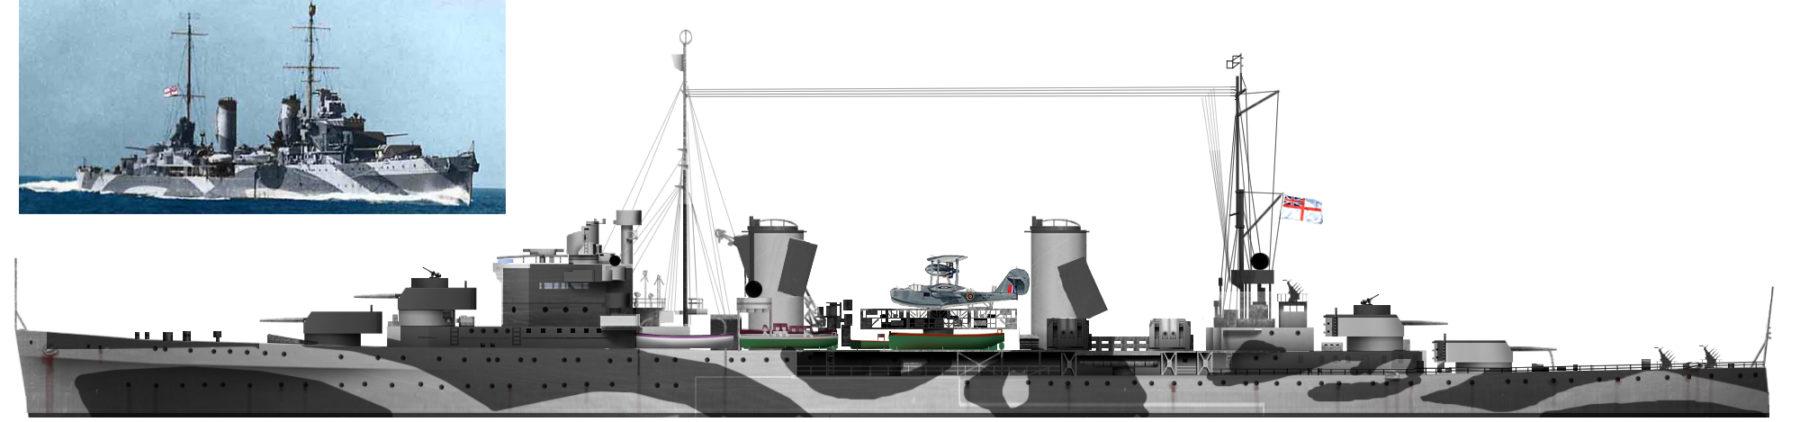 Author's profile of HMAS Perth in 1941